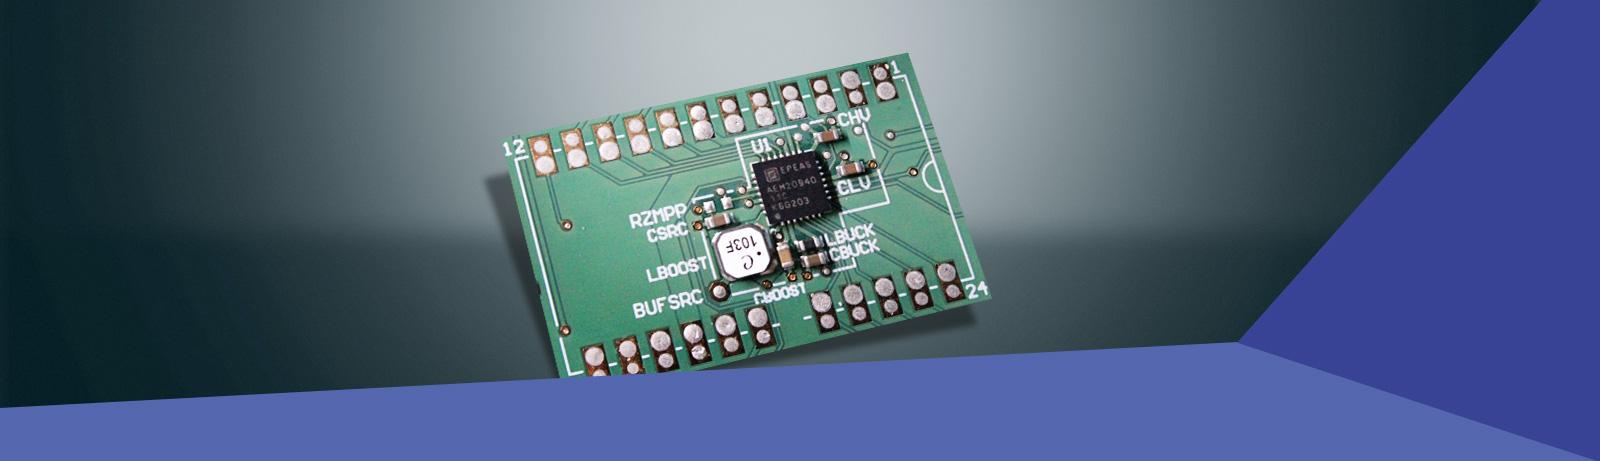 Hocheffizienter Ambient Energy Manager mit reguliertem Dual-Ausgang für TEG Quellen mit optionaler Primärbatterie